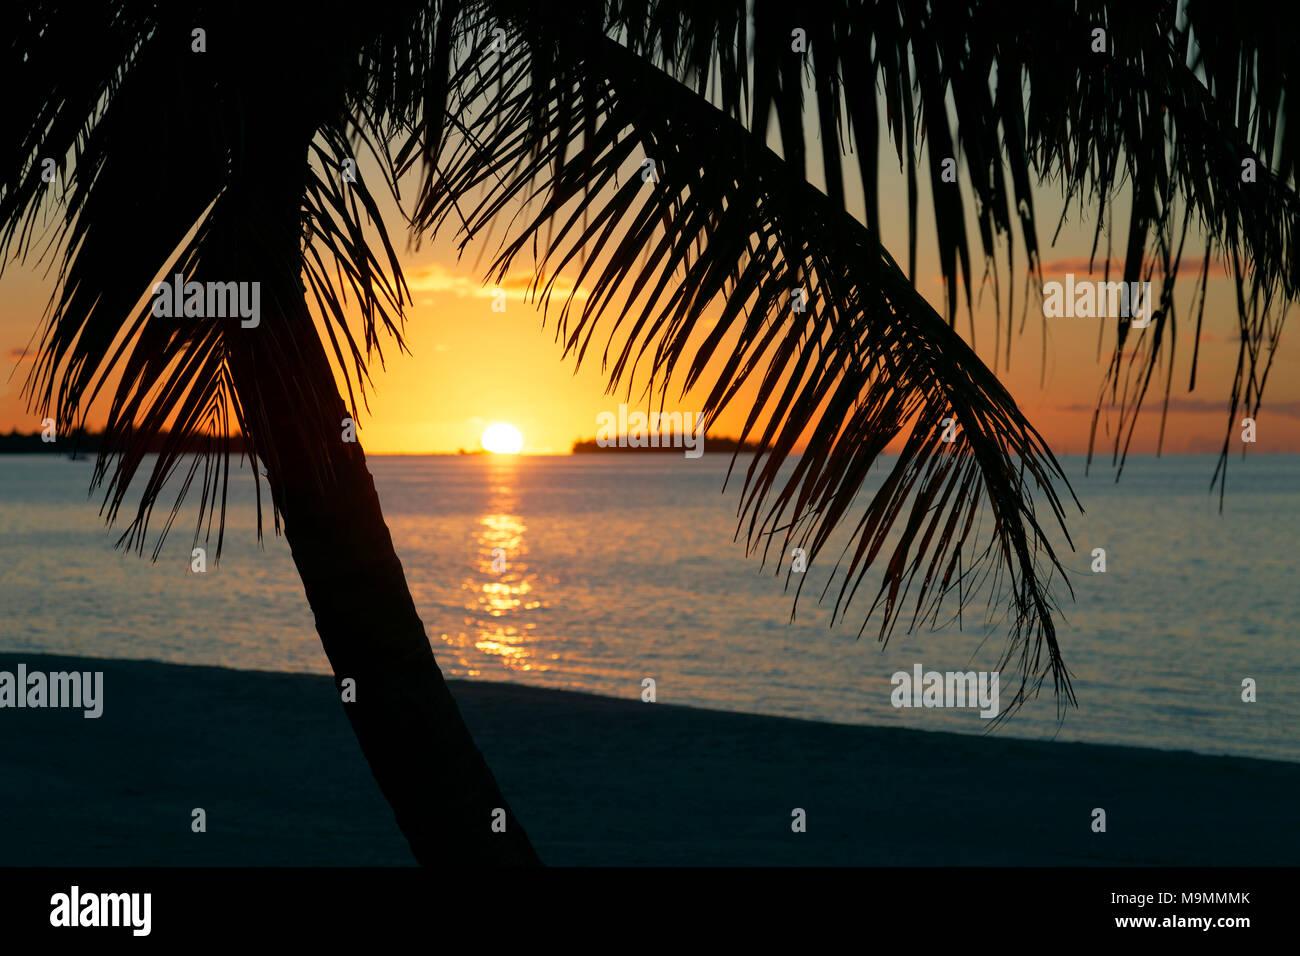 Palmera en la playa al anochecer, Tikehau Atolón Archipiélago Tuamotu, Islas Sociedad, Polinesia Francesa, las Islas de Barlovento Foto de stock